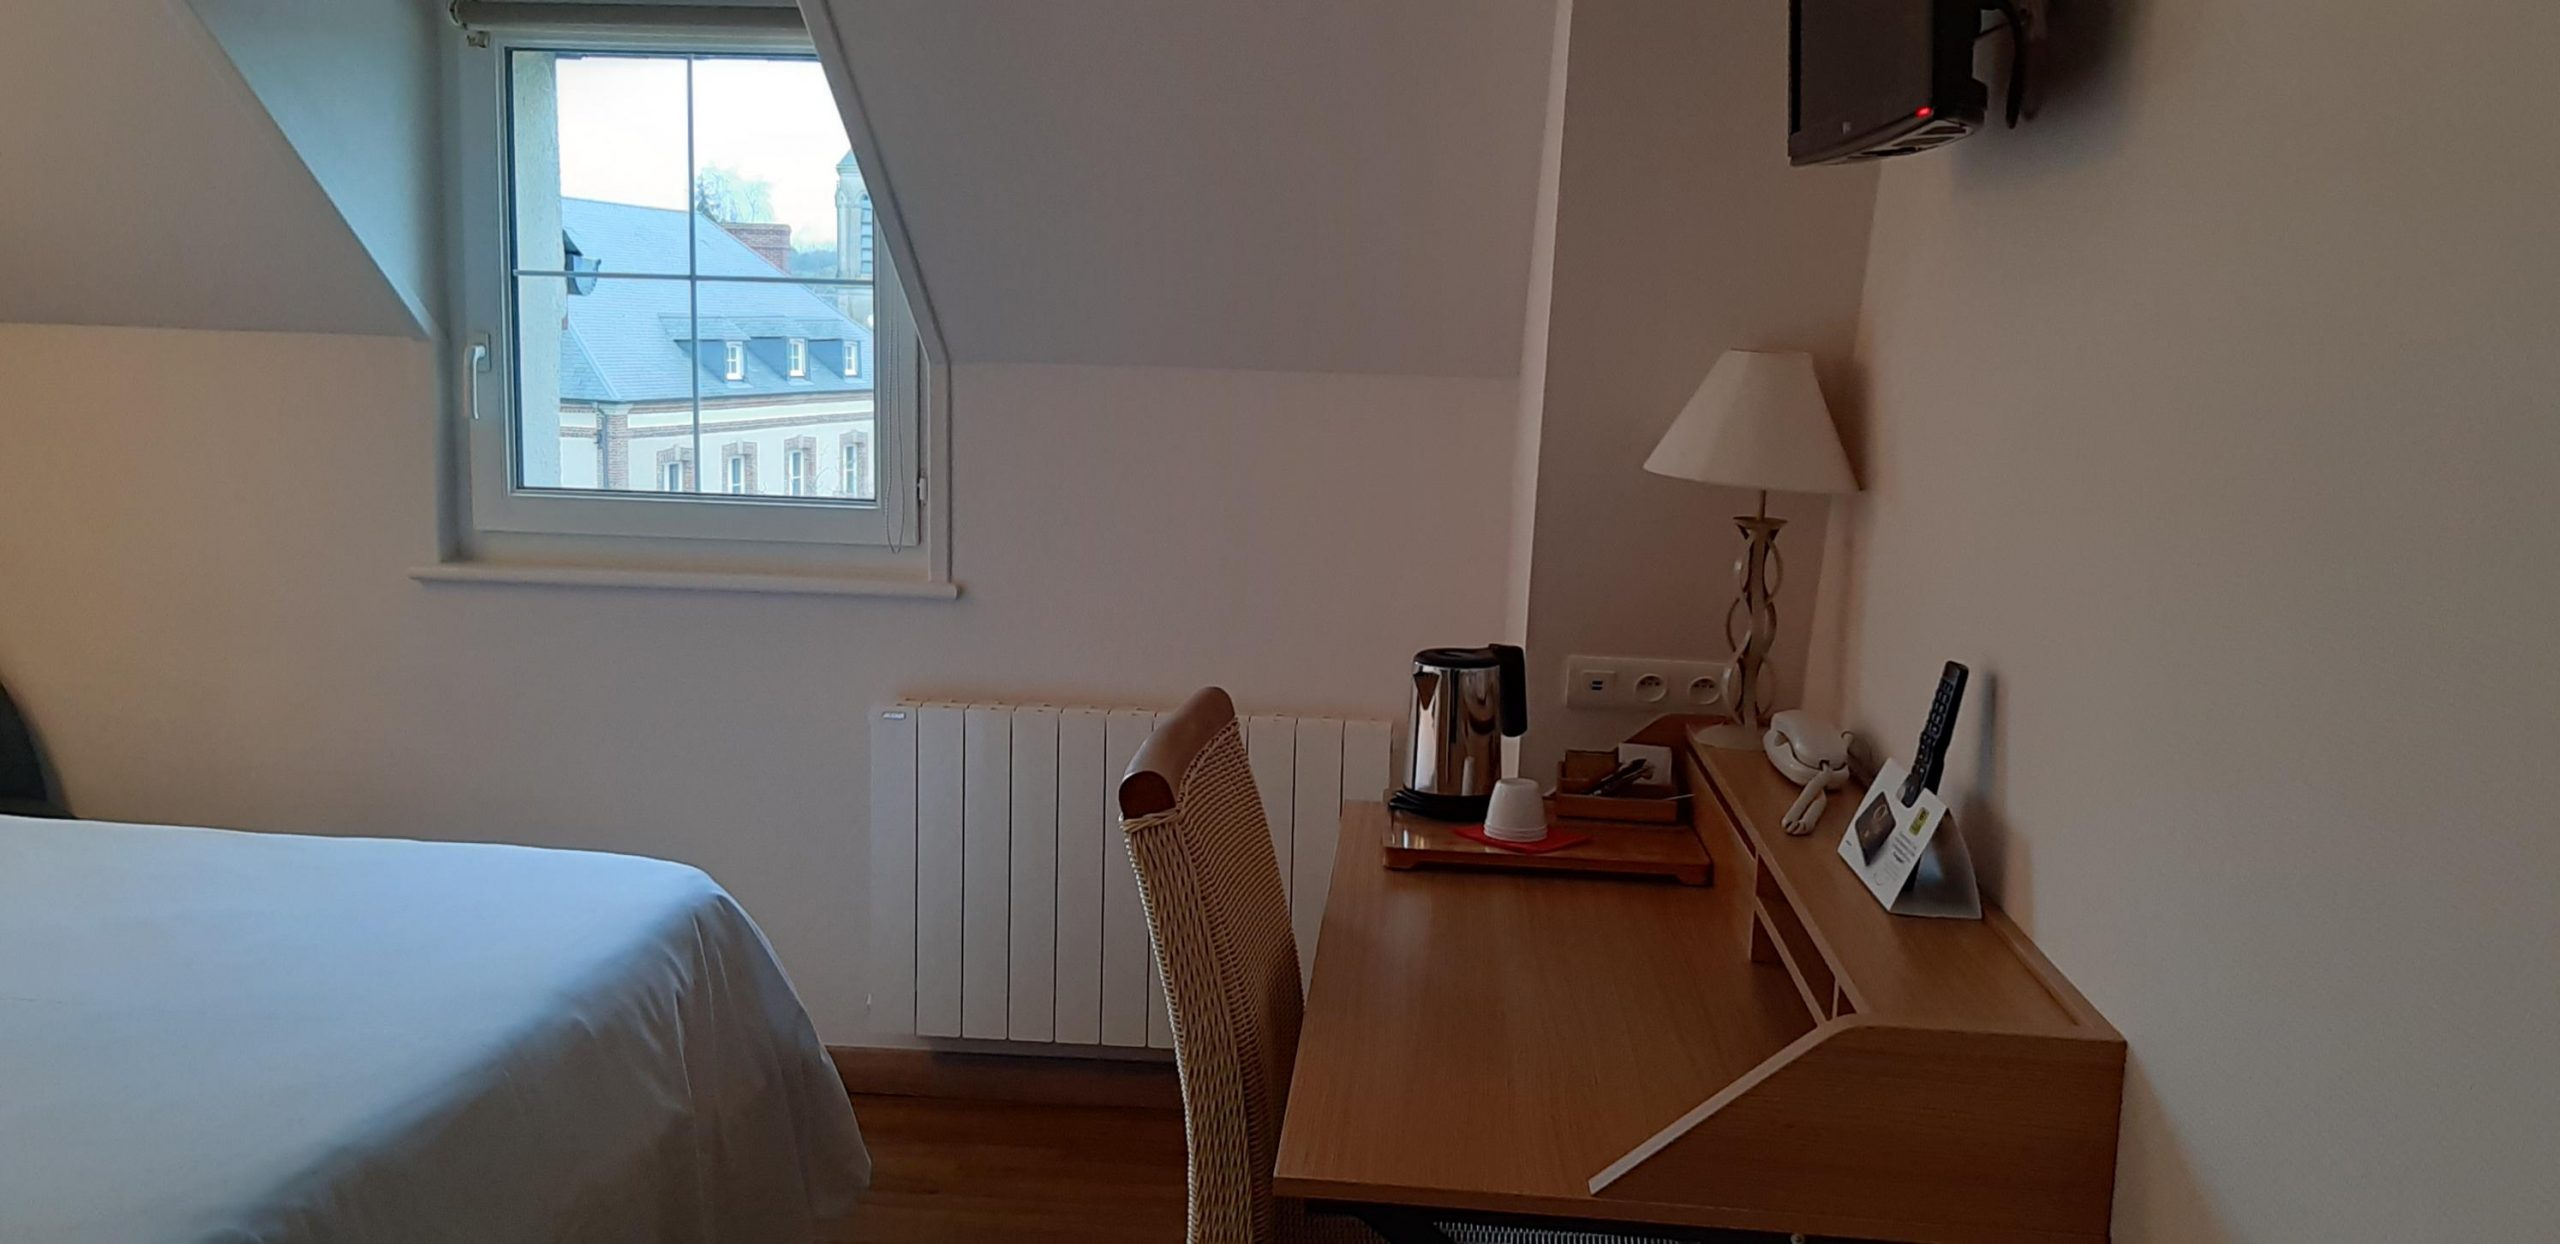 ∞ Alencon Hotel Restaurant Relais De L'abbaye - Logis 2 ... tout Lit De Jardin Double